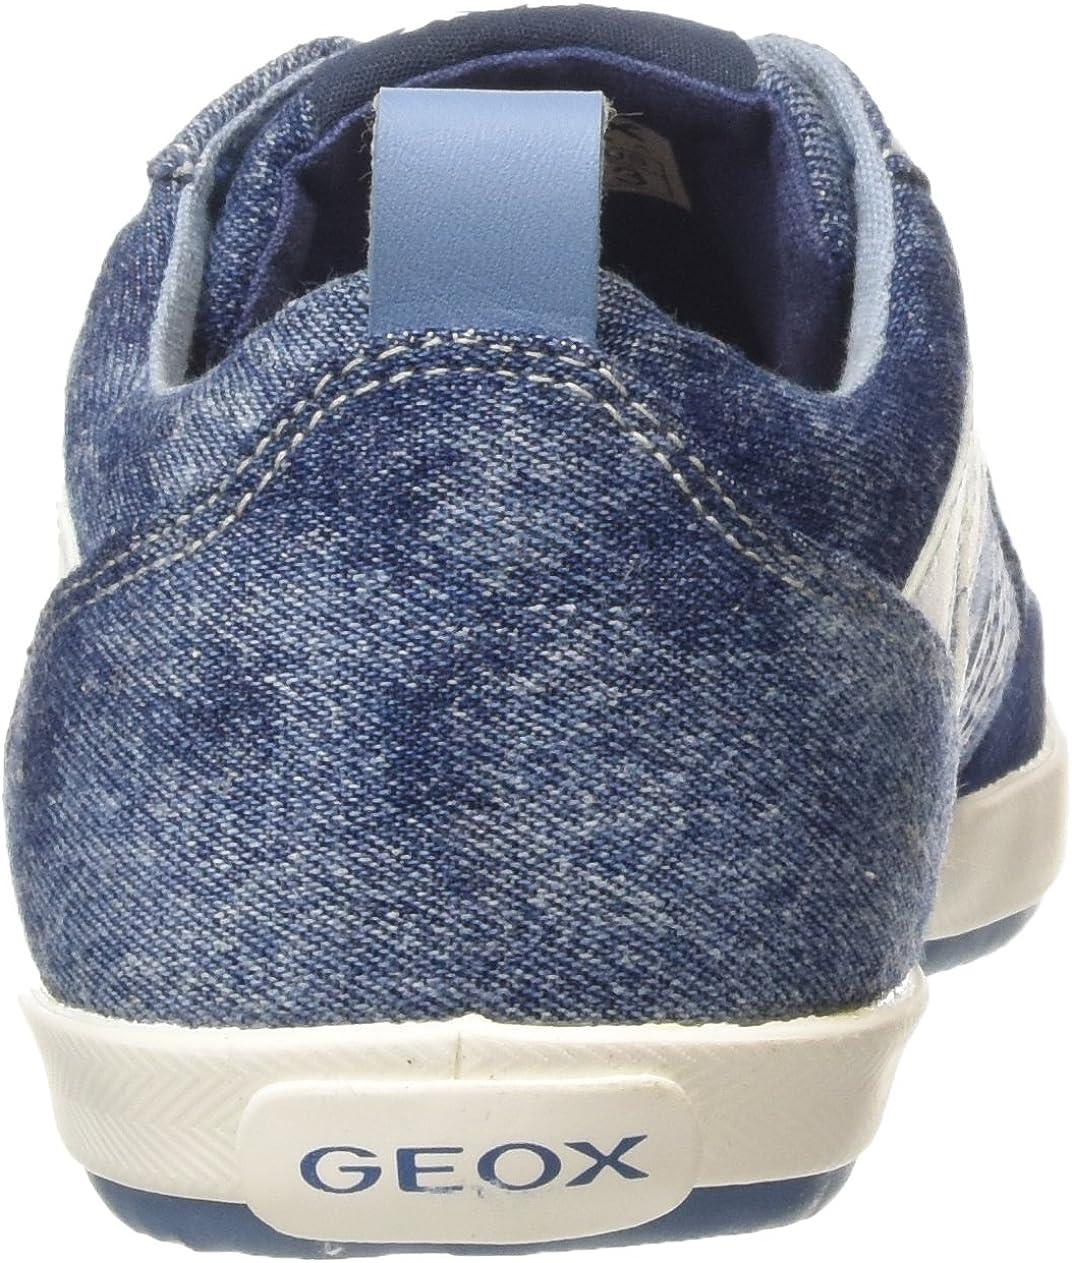 Geox Kids J Kiwi Boy 56-K